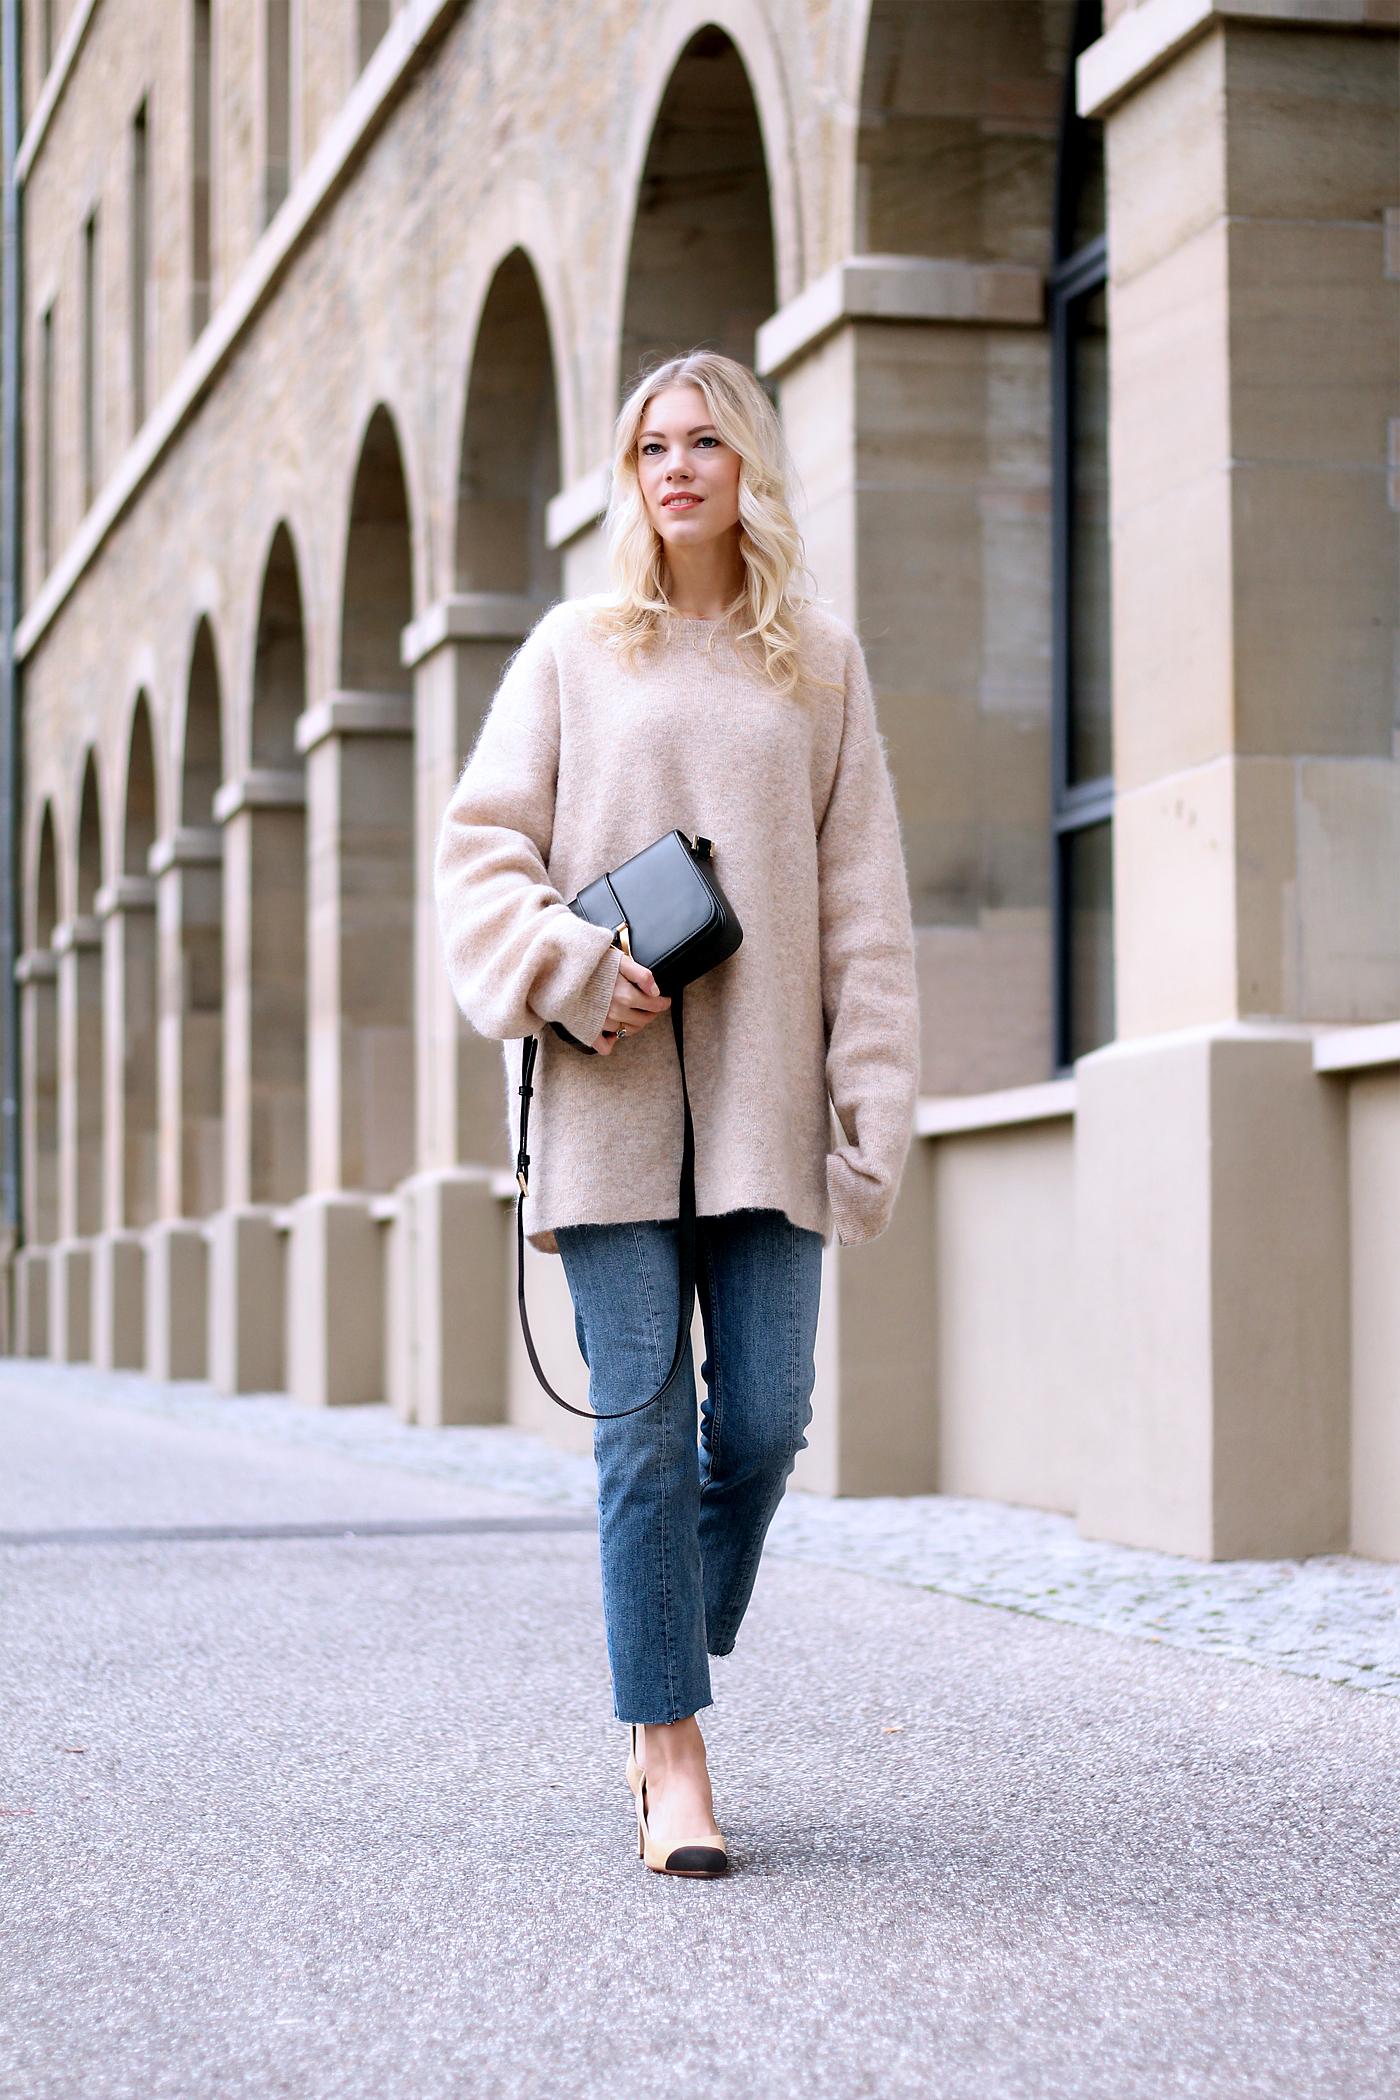 somehappyshoes_fashionblog_hm_mohair_sweater_oversized5